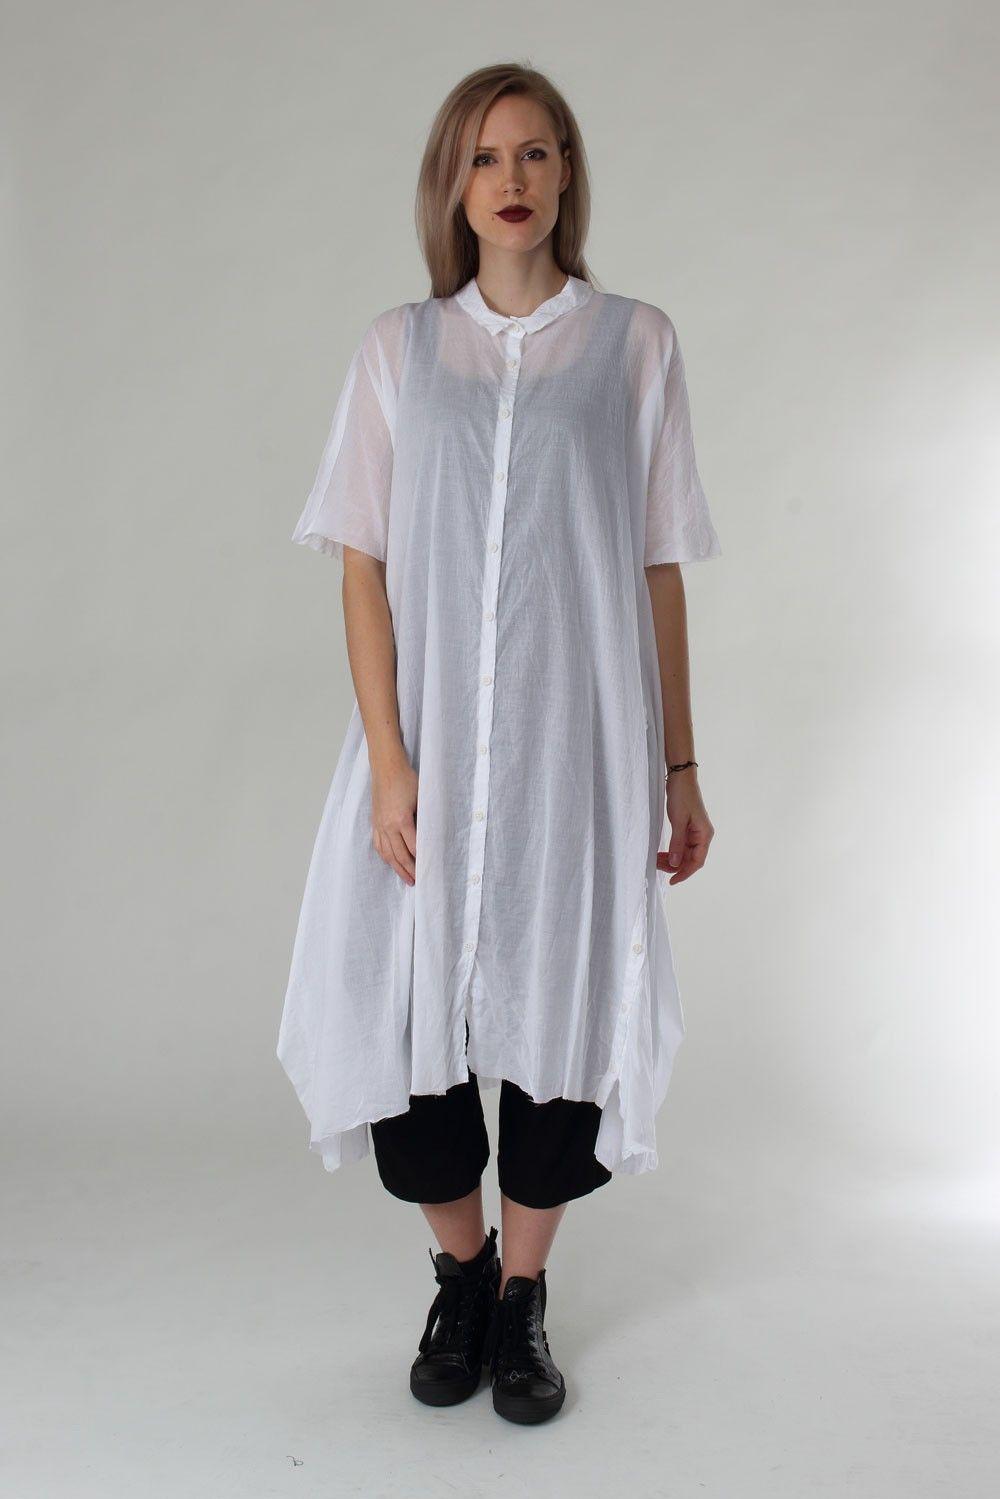 1161350906: Lange oversize Bluse mit Zierknopfleiste links in weiß von Rundholz. Details: - Weit geschnitten, nach unten weiter ausgestellt - Zierknopfleiste